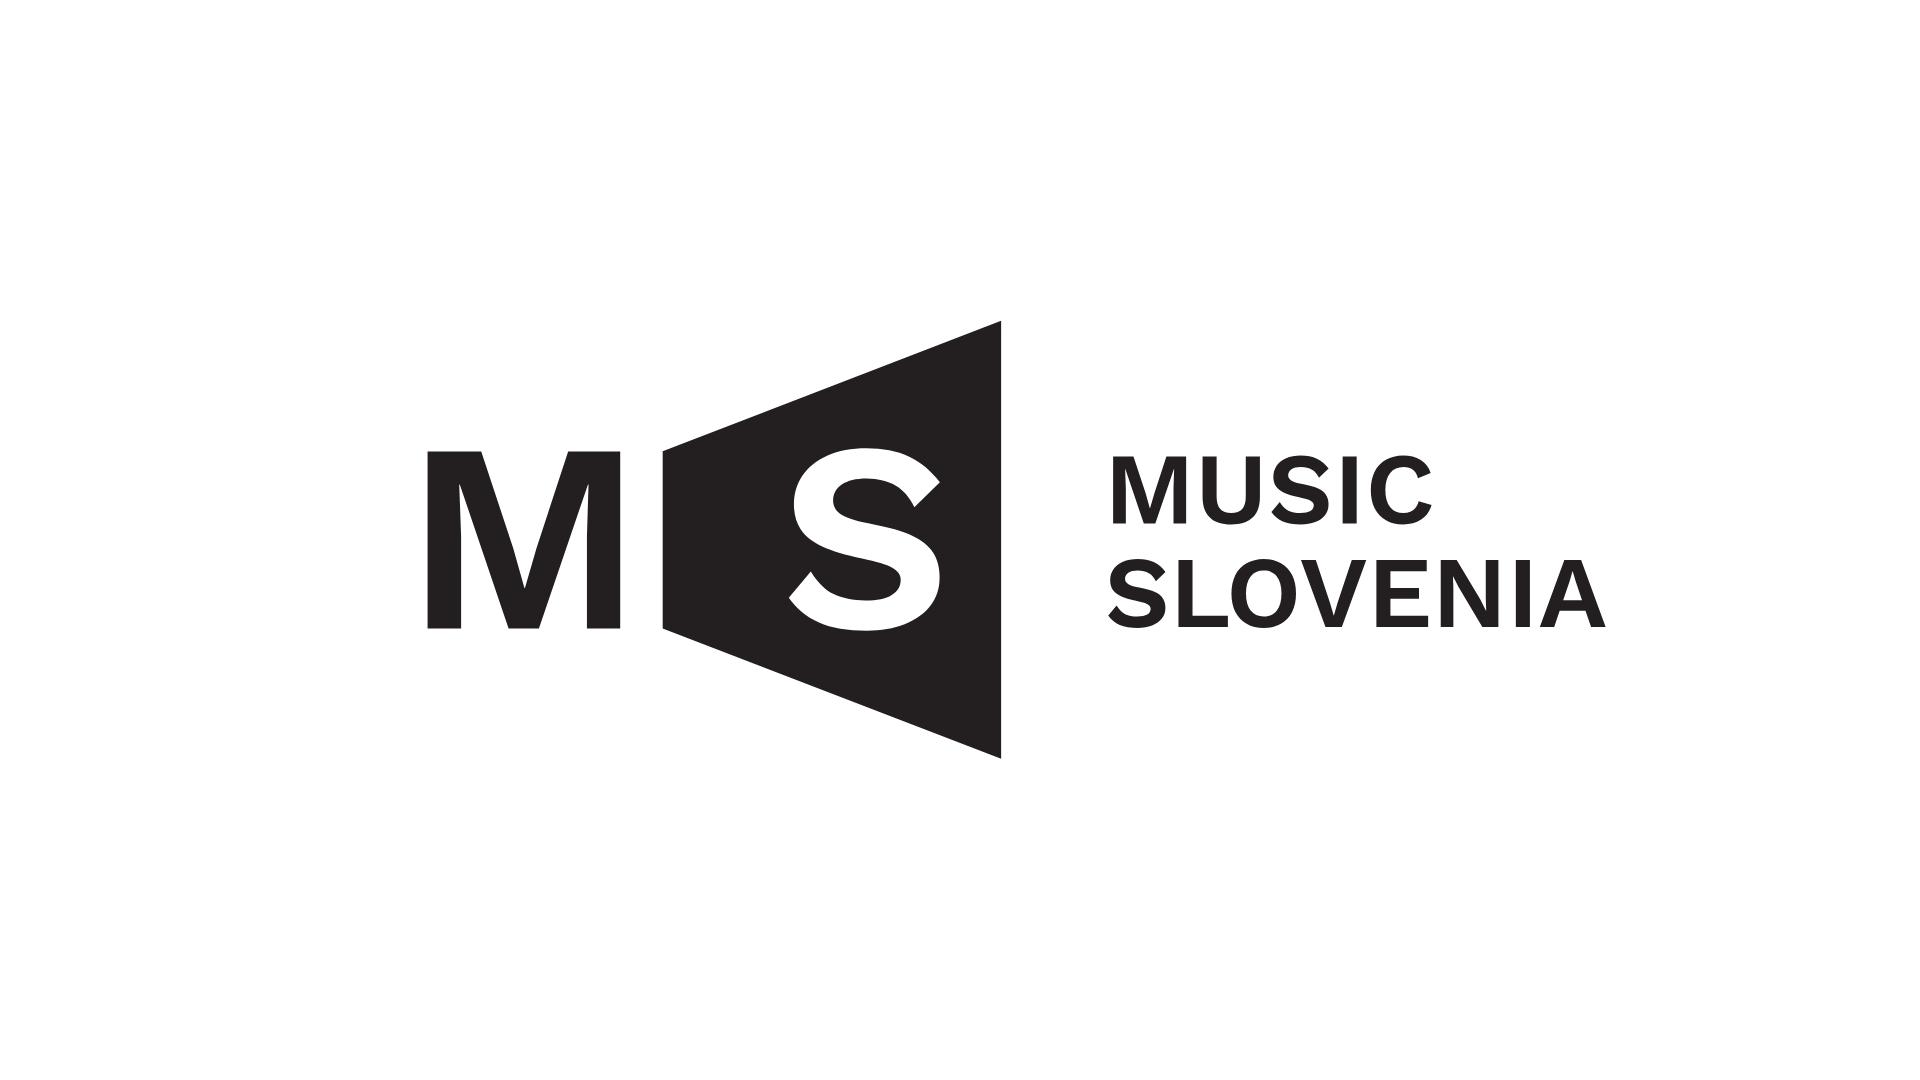 musicslovenia